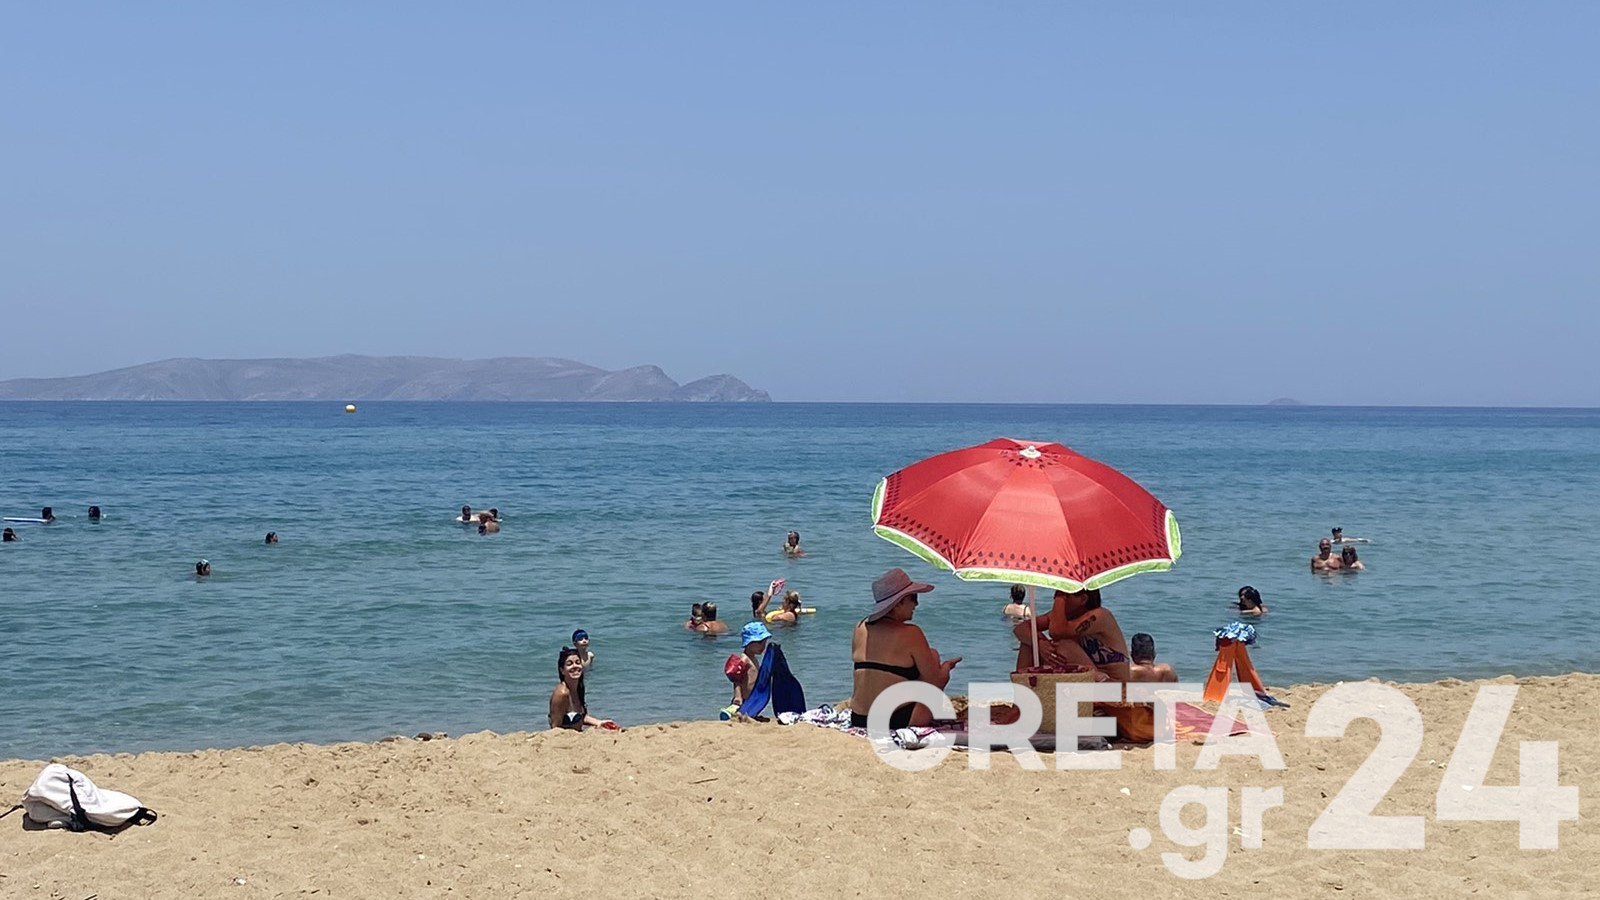 Κρήτη: Στις παραλίες έτρεξαν οι Ηρακλειώτες για δροσιά (pics)